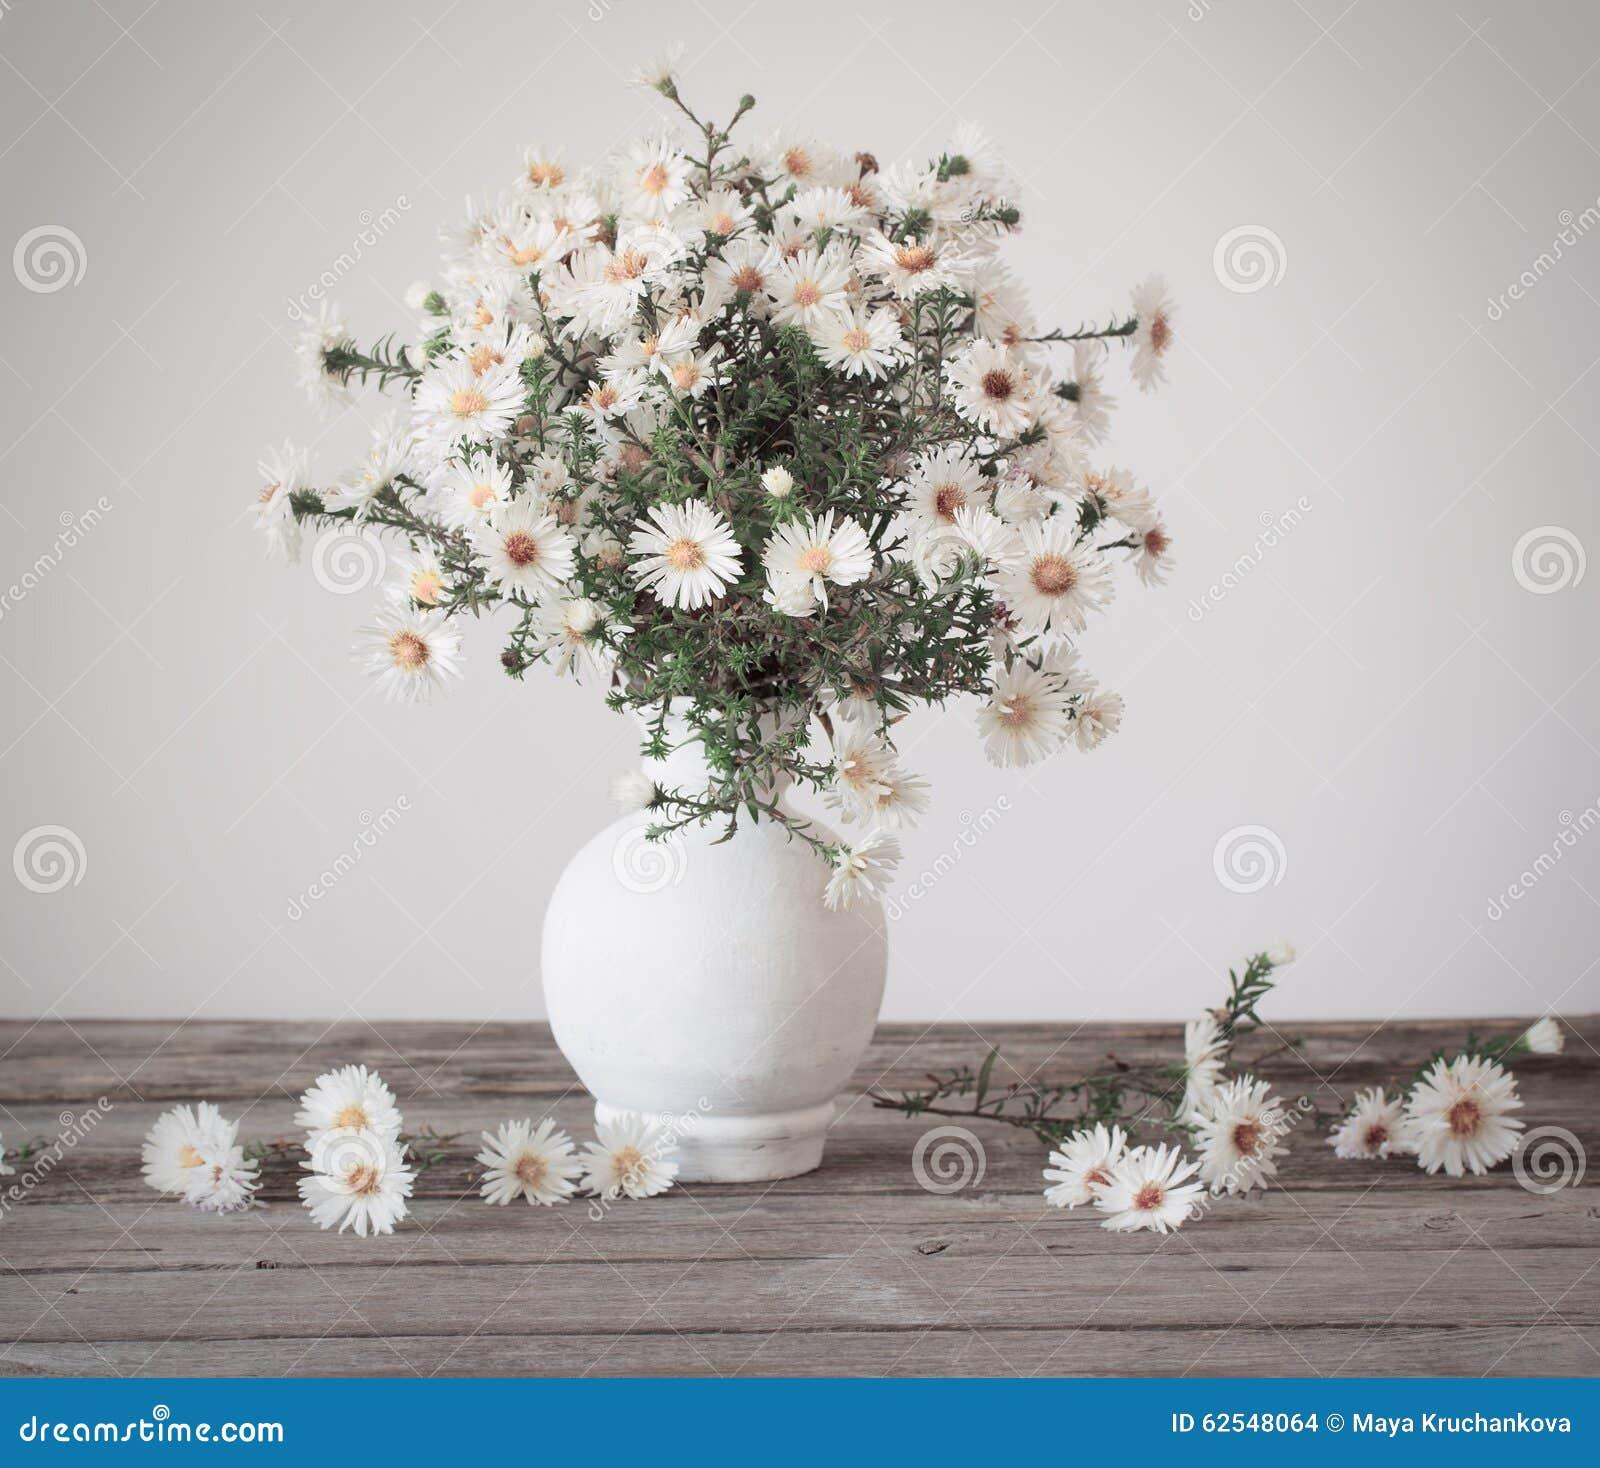 Fiori Bianchi In Vaso.Fiori Bianchi In Vaso Fotografia Stock Immagine Di Background